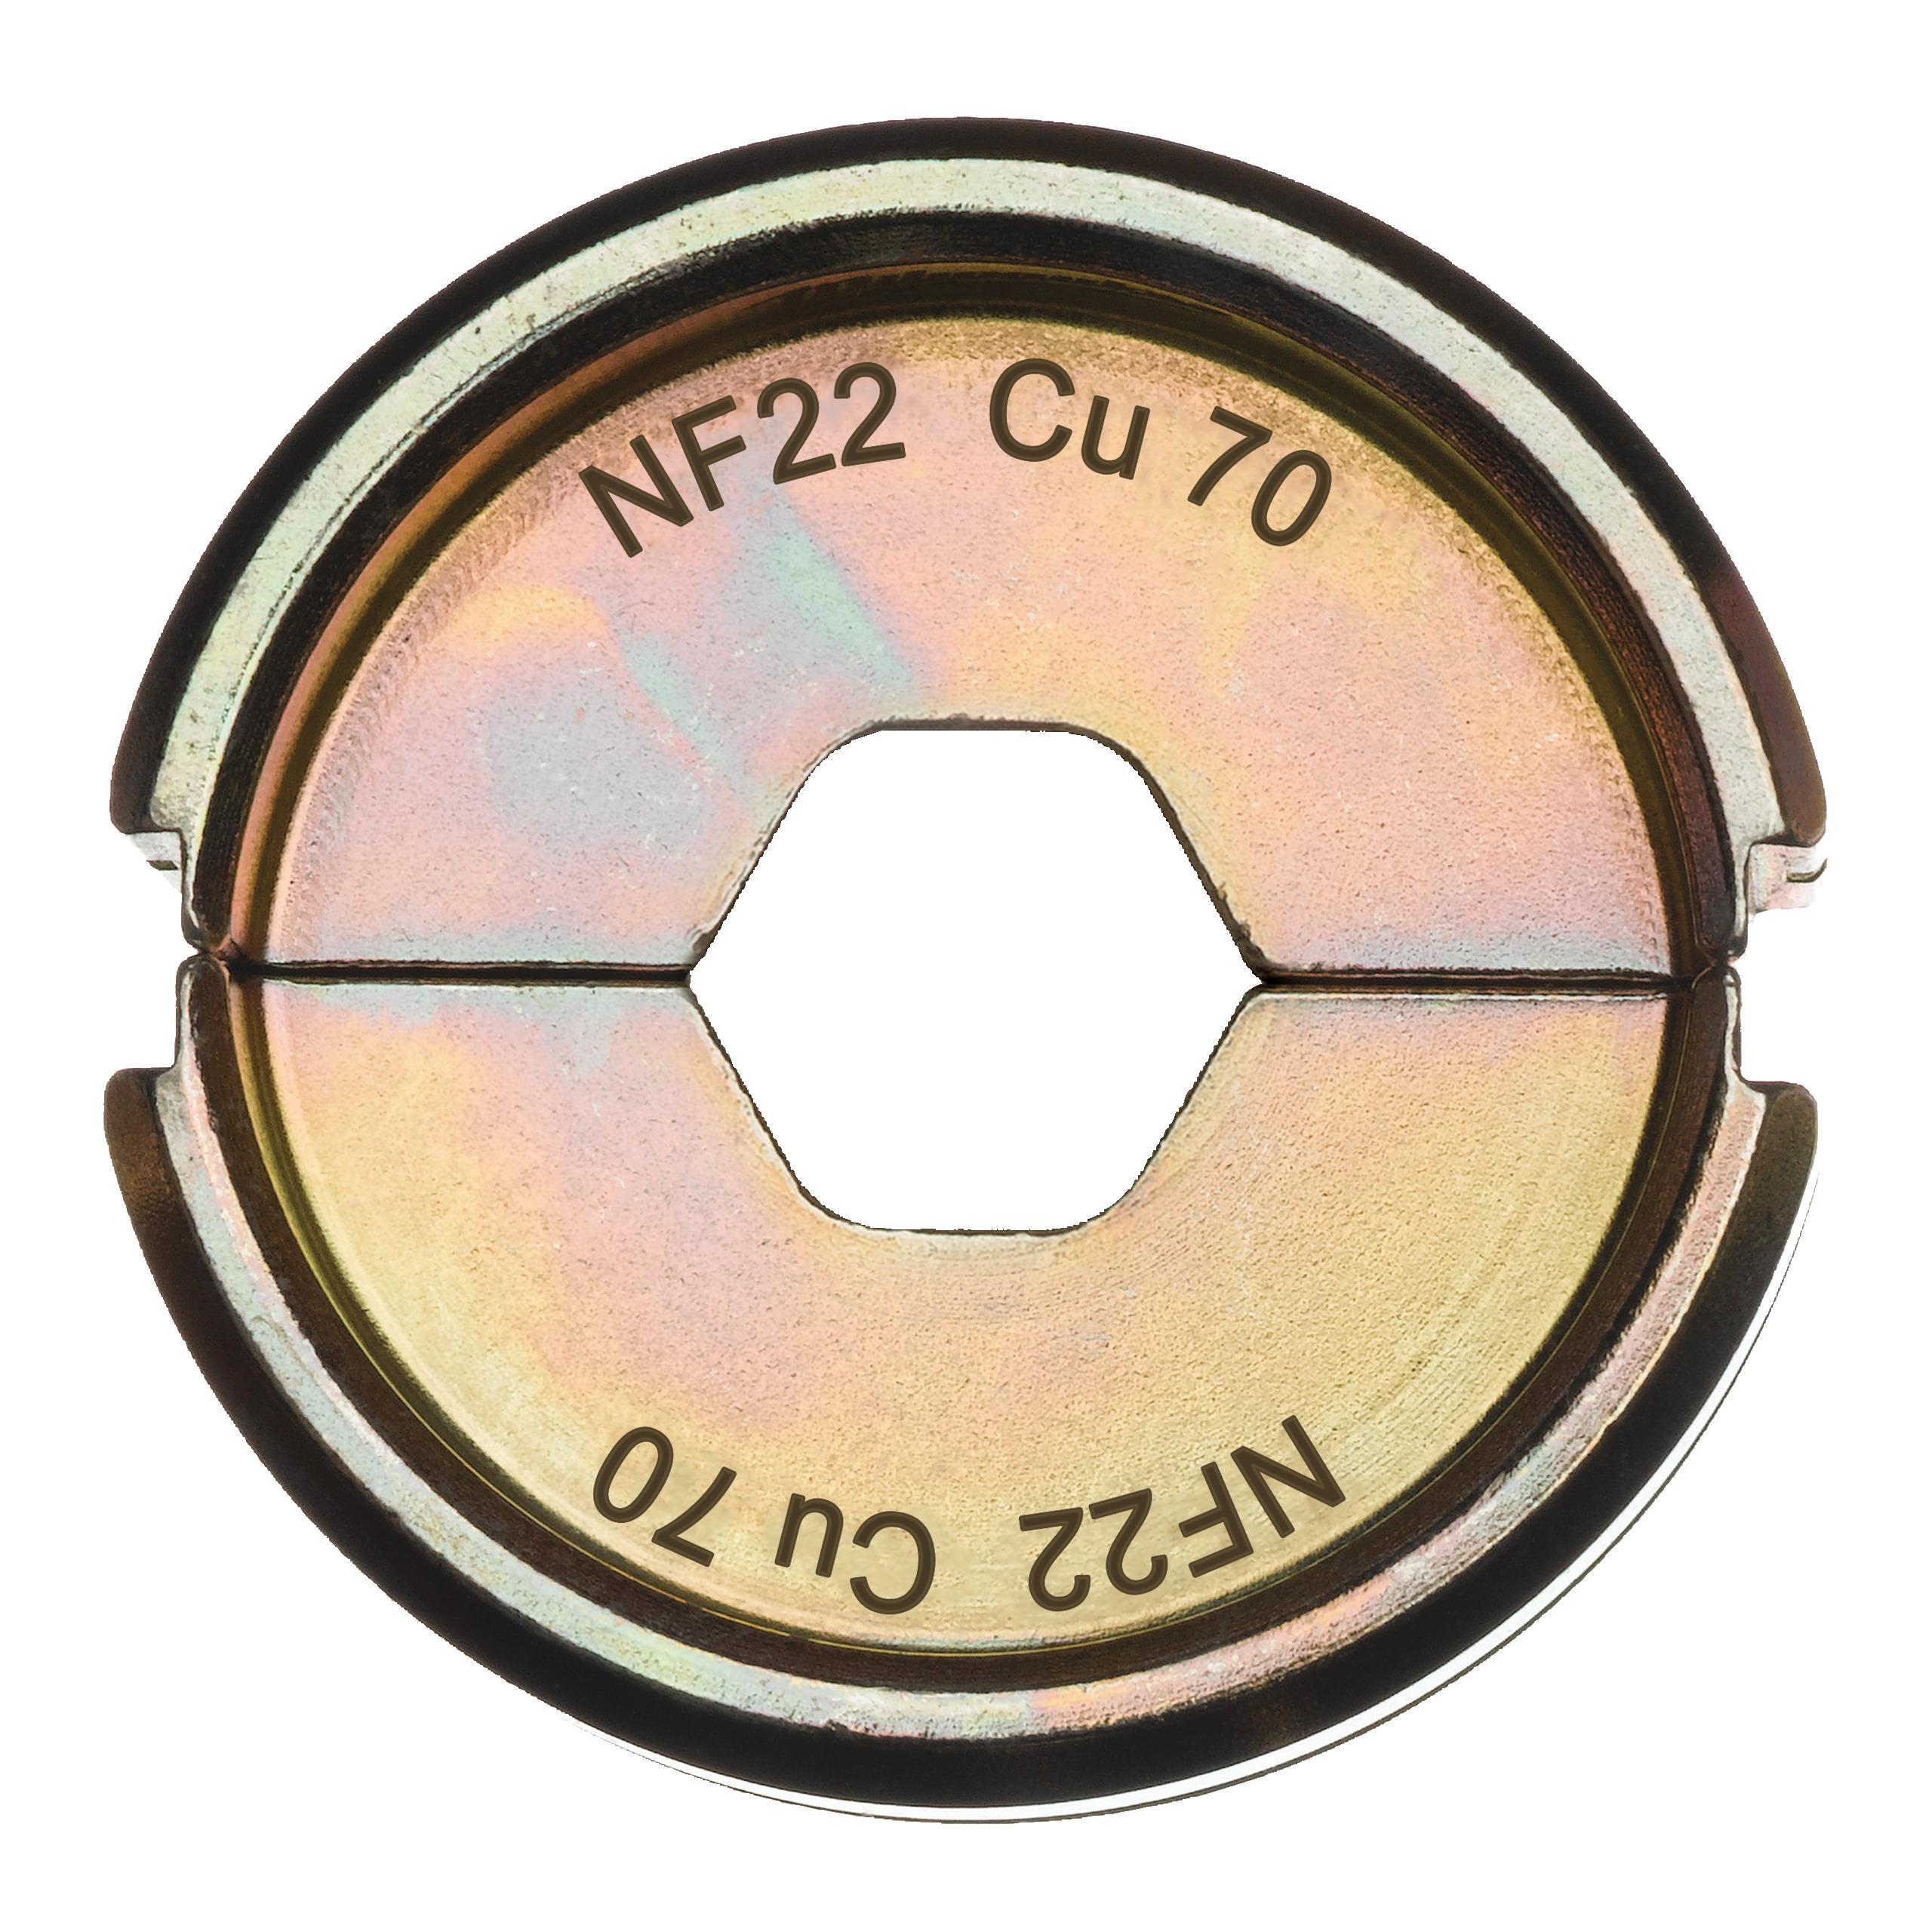 Krimpovací čelisti  NF22 Cu 70